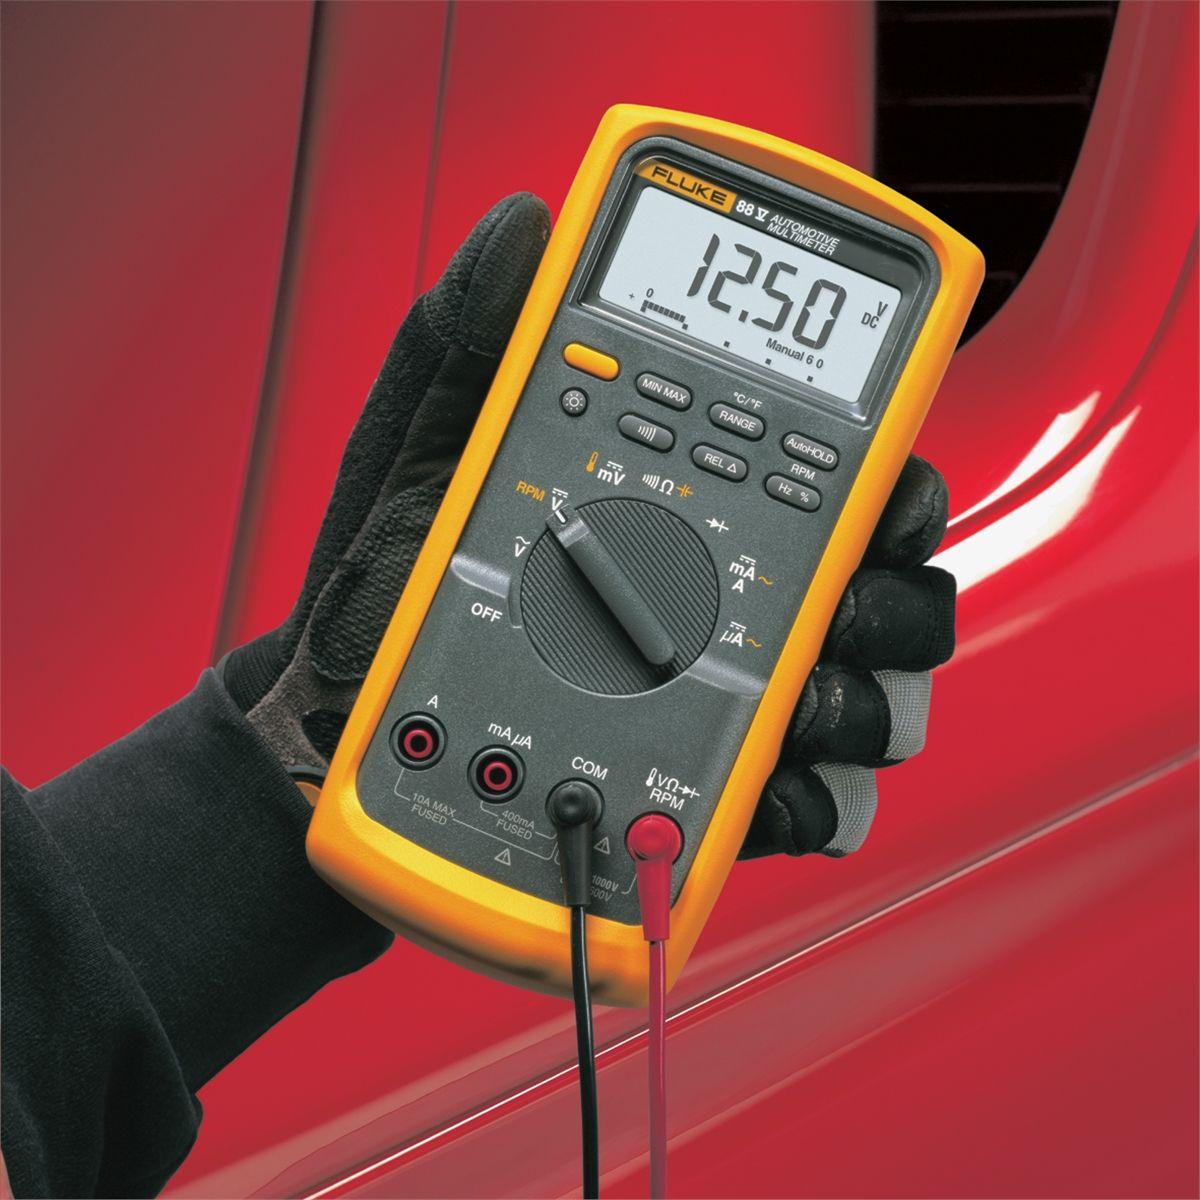 Fluke 88 Digital Multimeter Manual : Fluke v series automotive multimeter flu